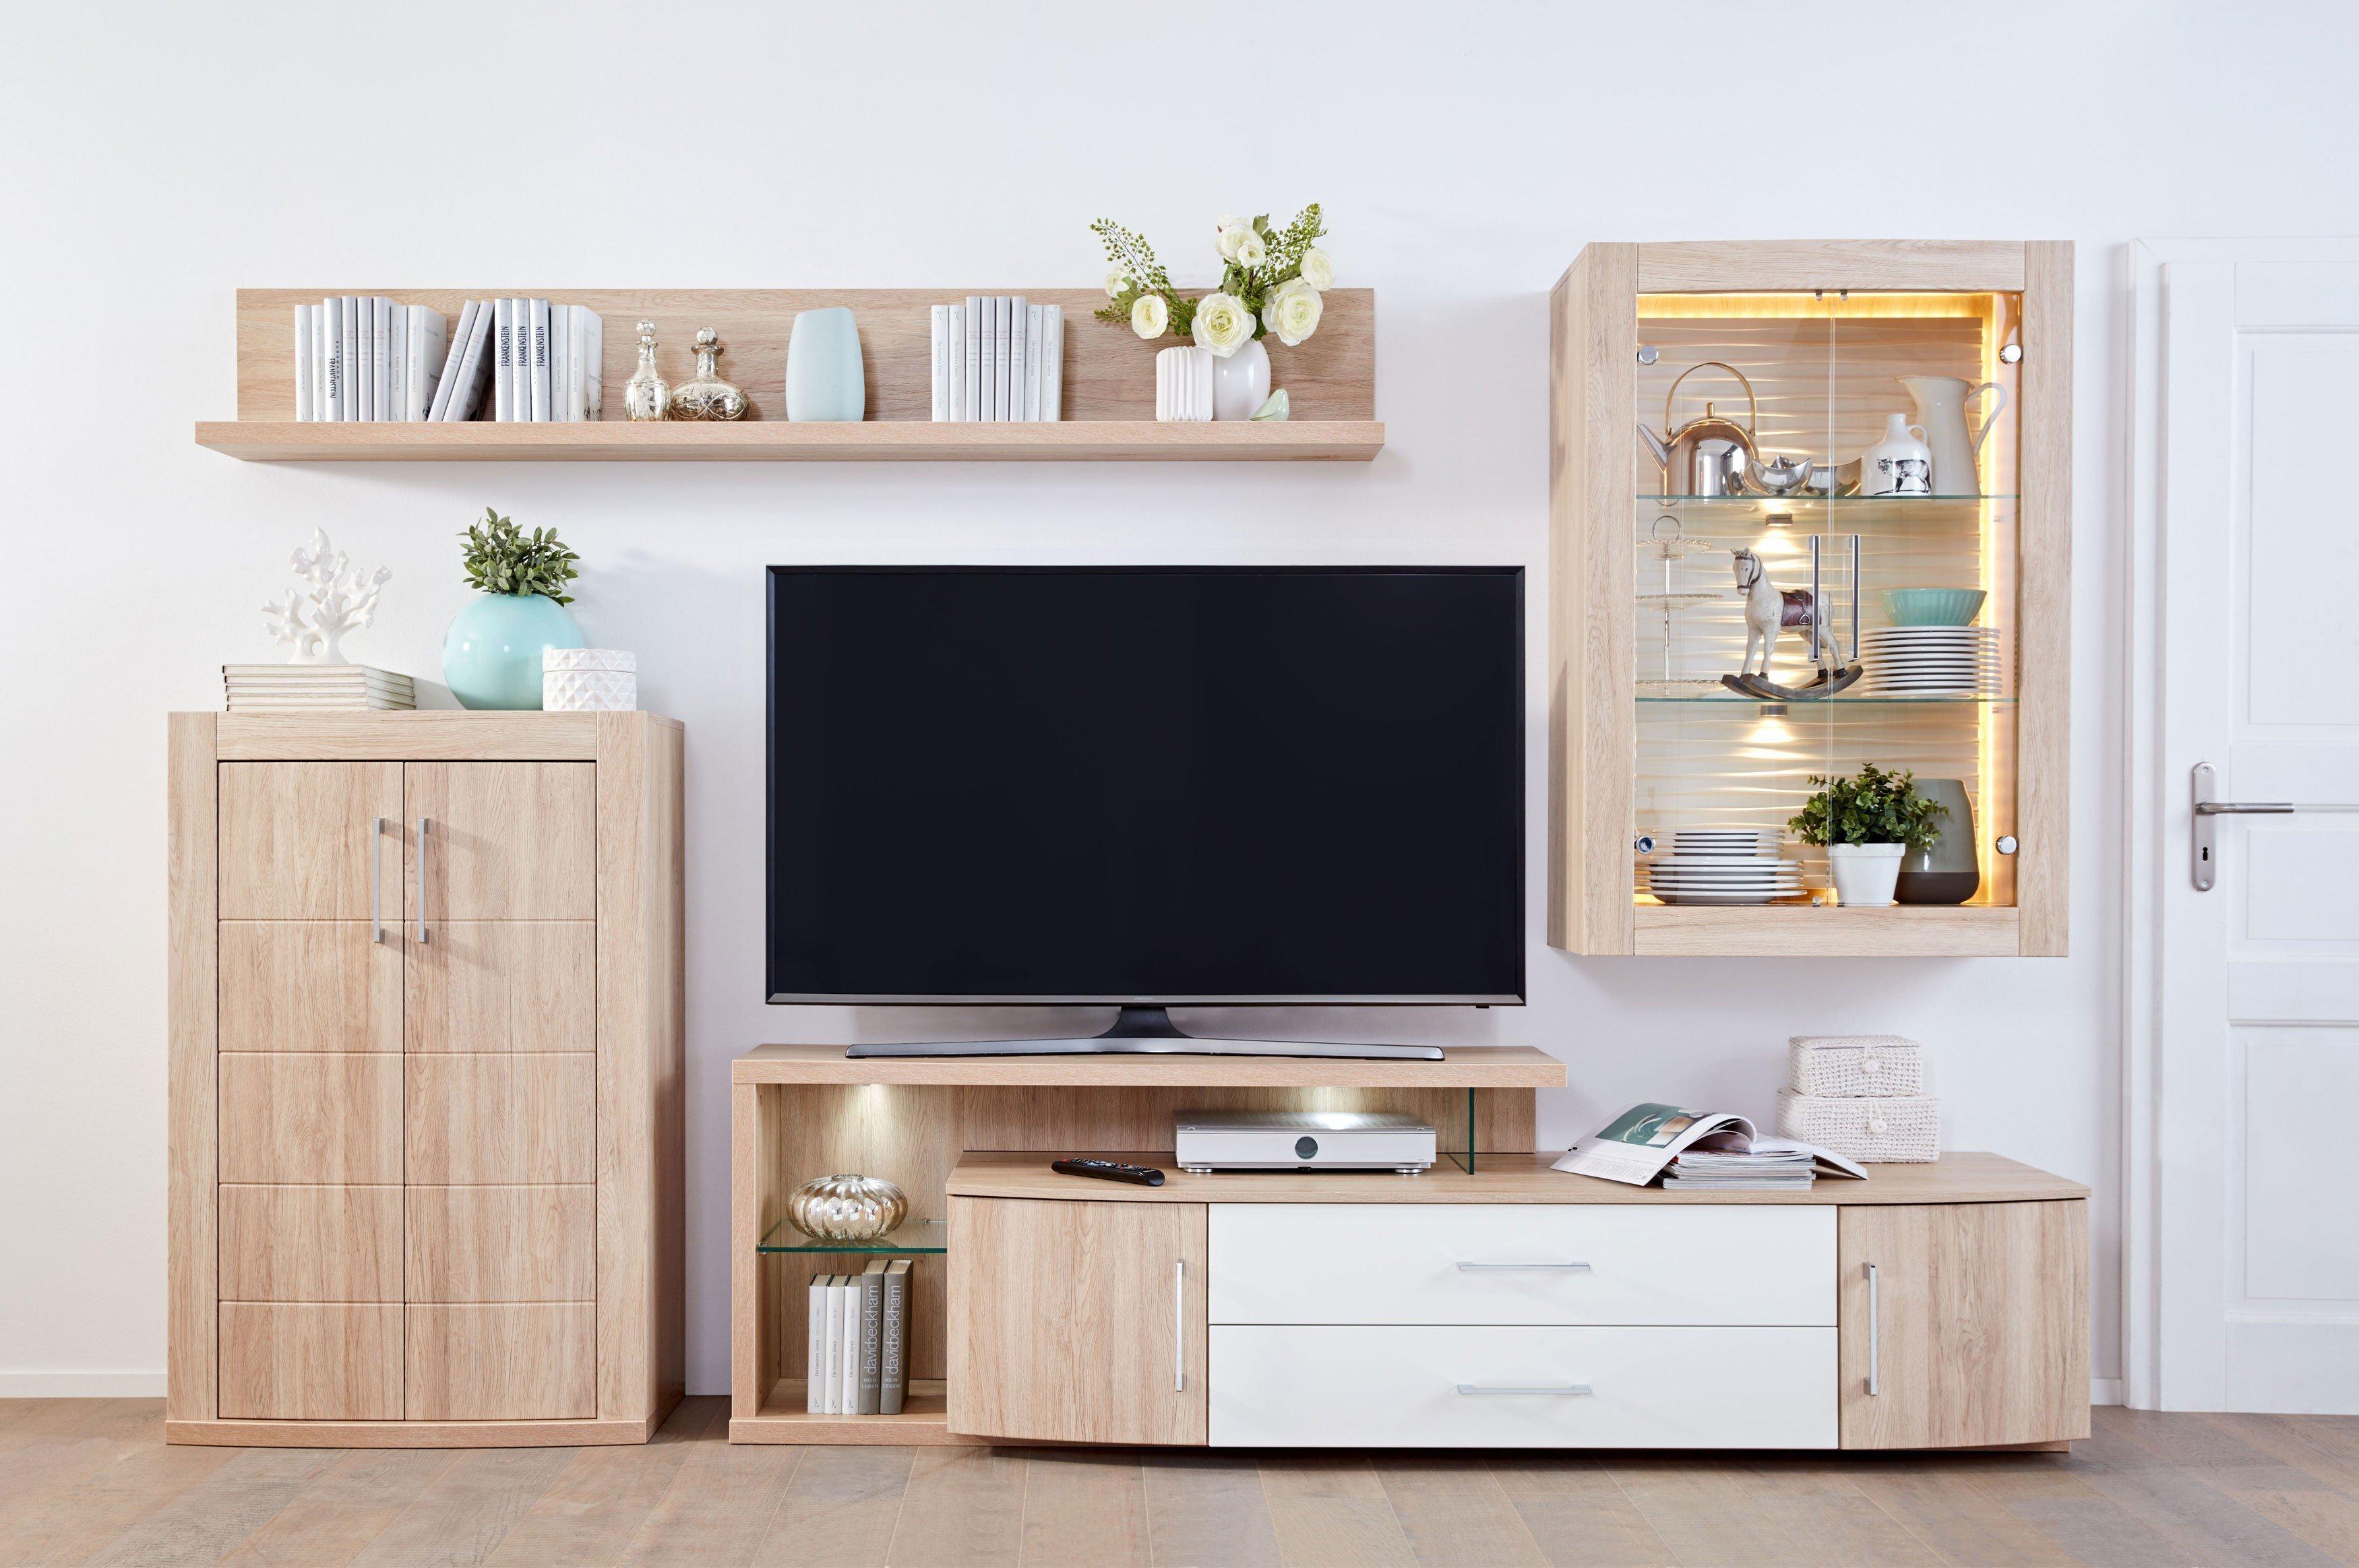 prenneis wohnwand mailand plus portos 3549 sandeiche creme wei m bel letz ihr online shop. Black Bedroom Furniture Sets. Home Design Ideas